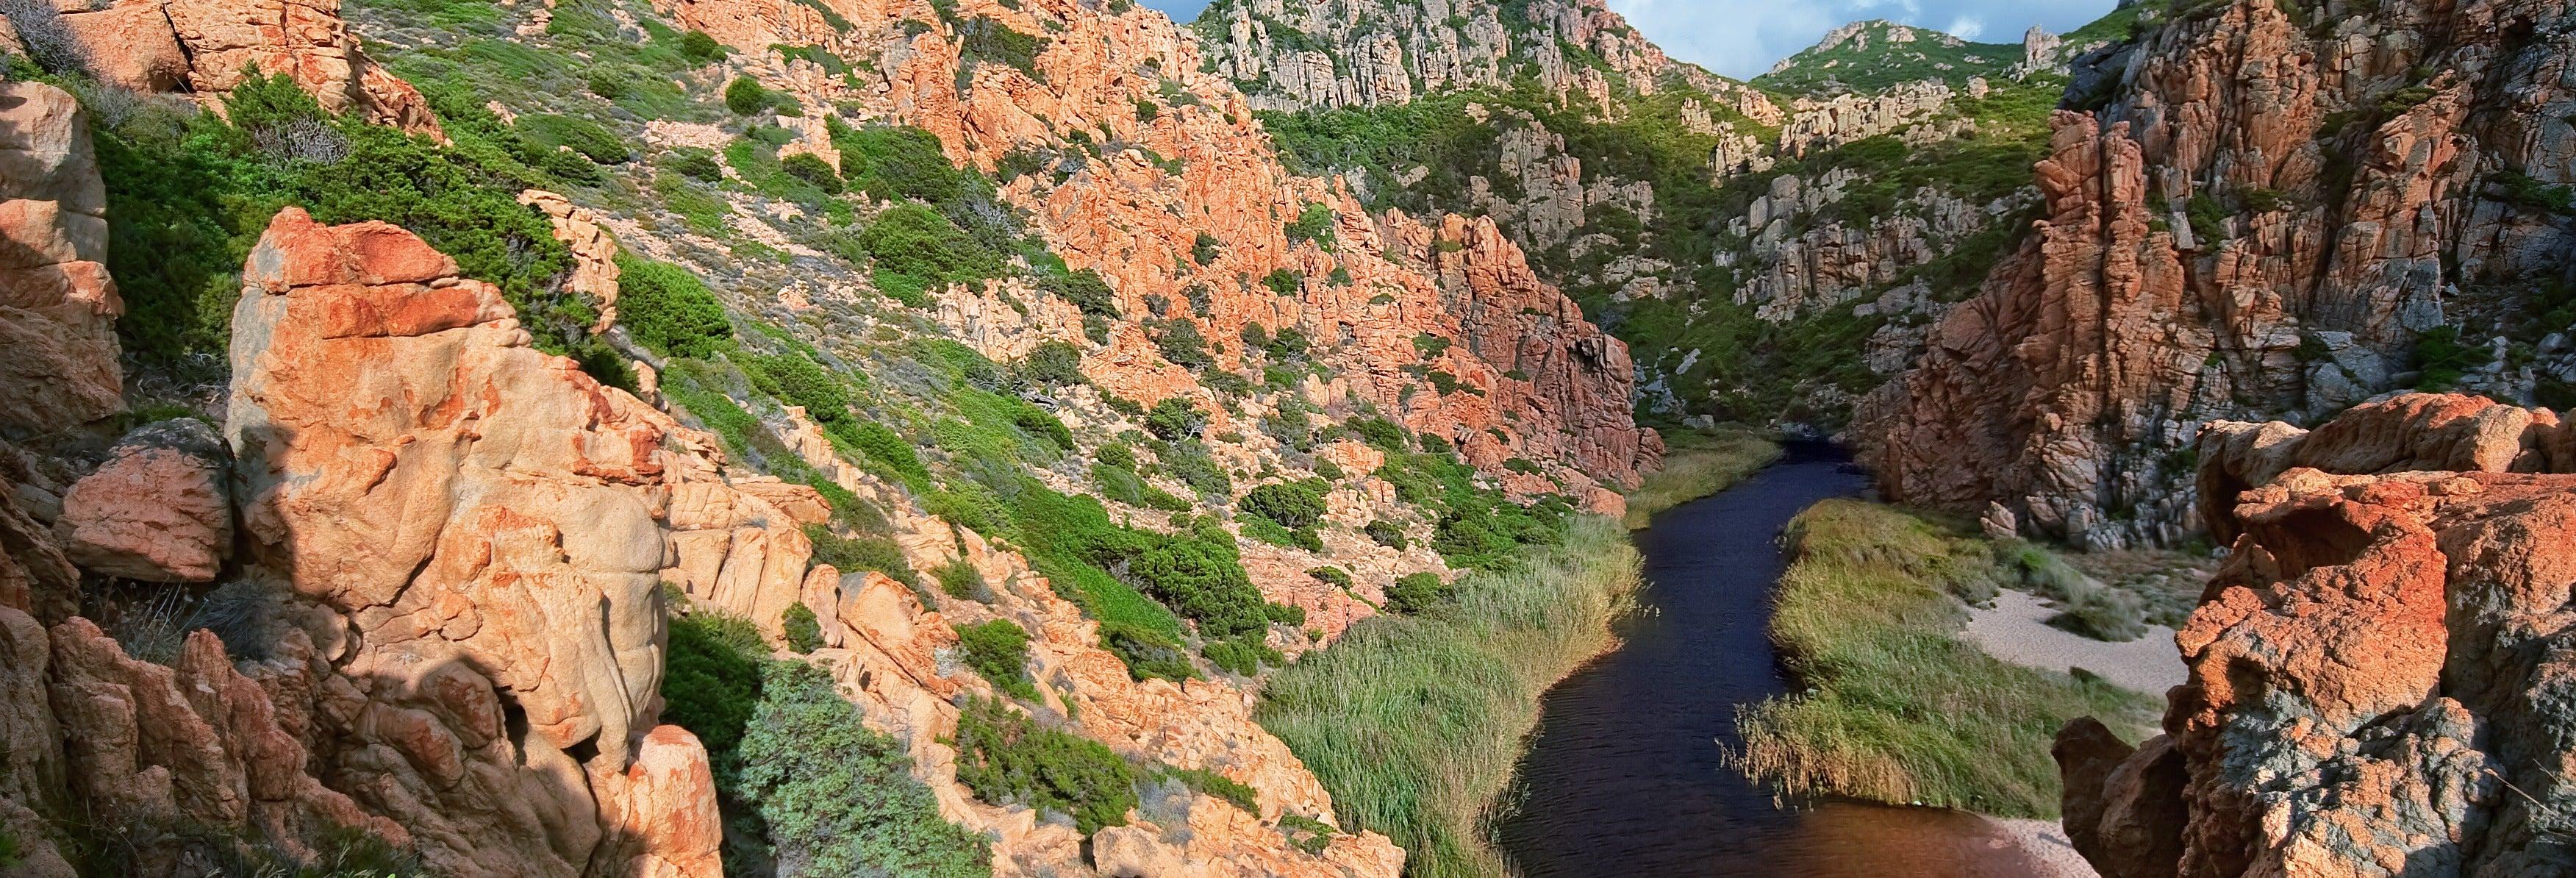 Descente en rappel dans le canyon Fuili